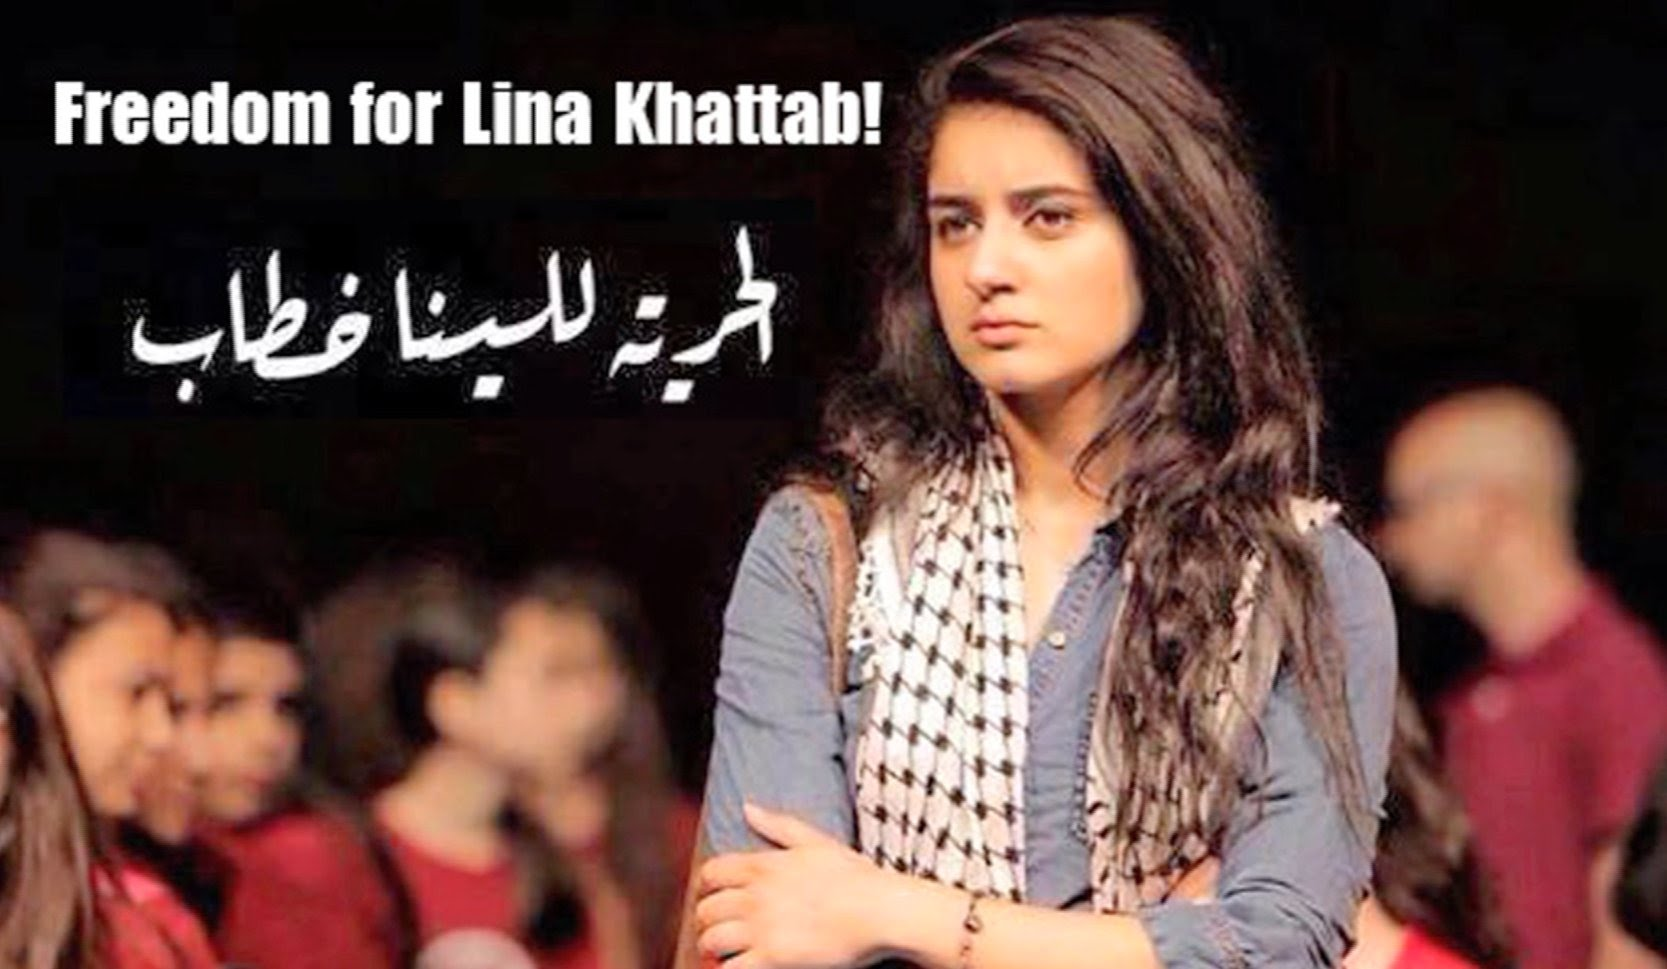 الحكم على الطالبة لينا خطاب بالسجن 6 شهور